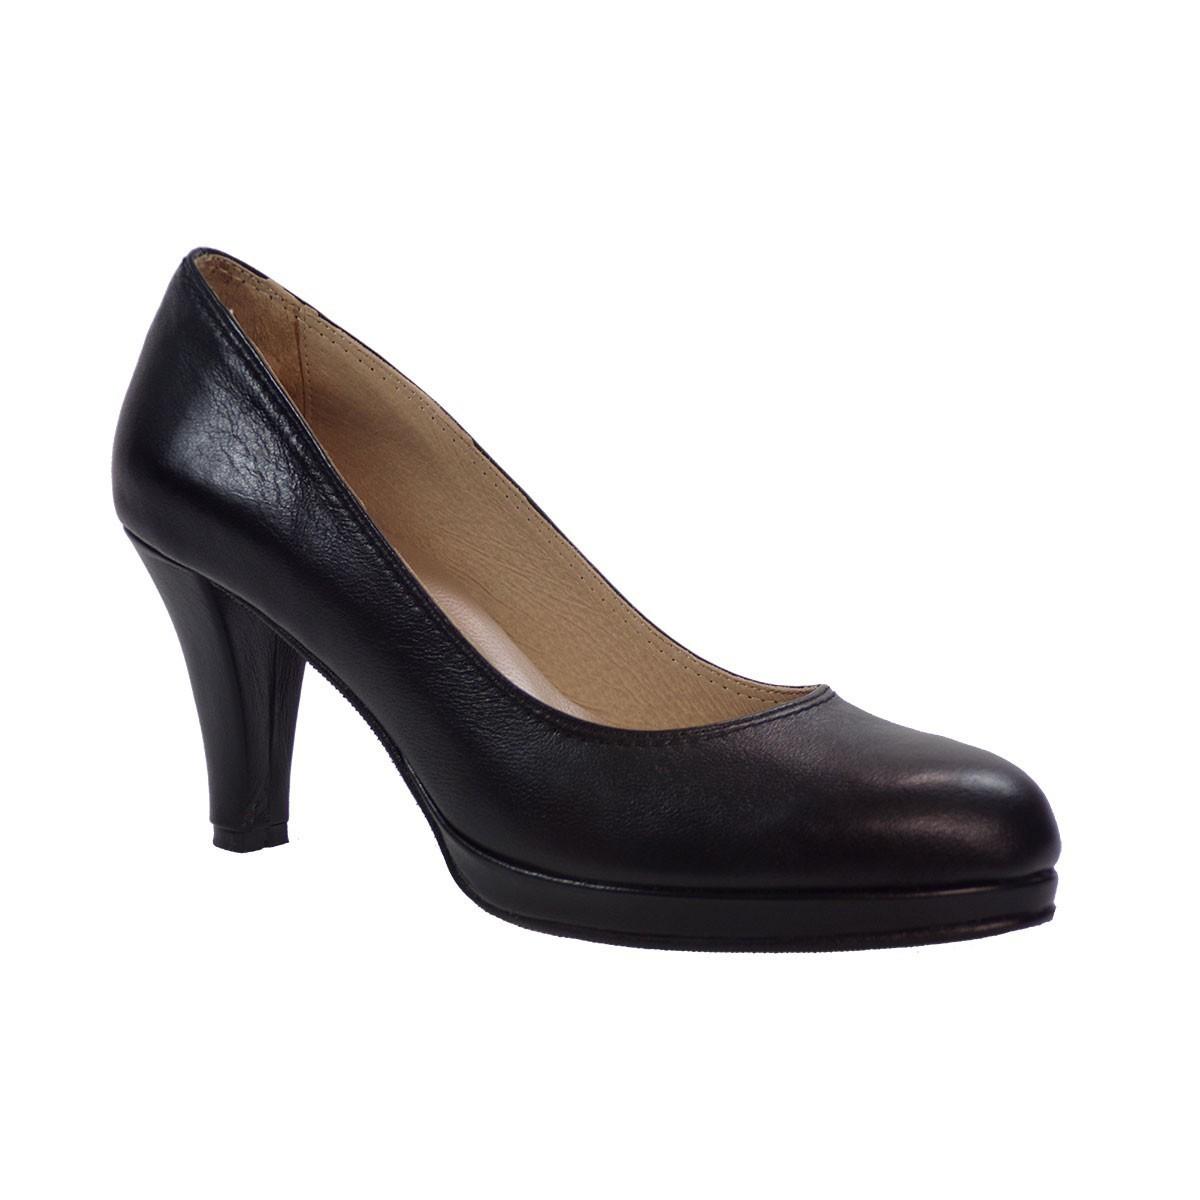 Πετρετζίκης shoes Γυναικεία Παπούτσια Δερμάτινα 100 Μαύρο Δέρμα